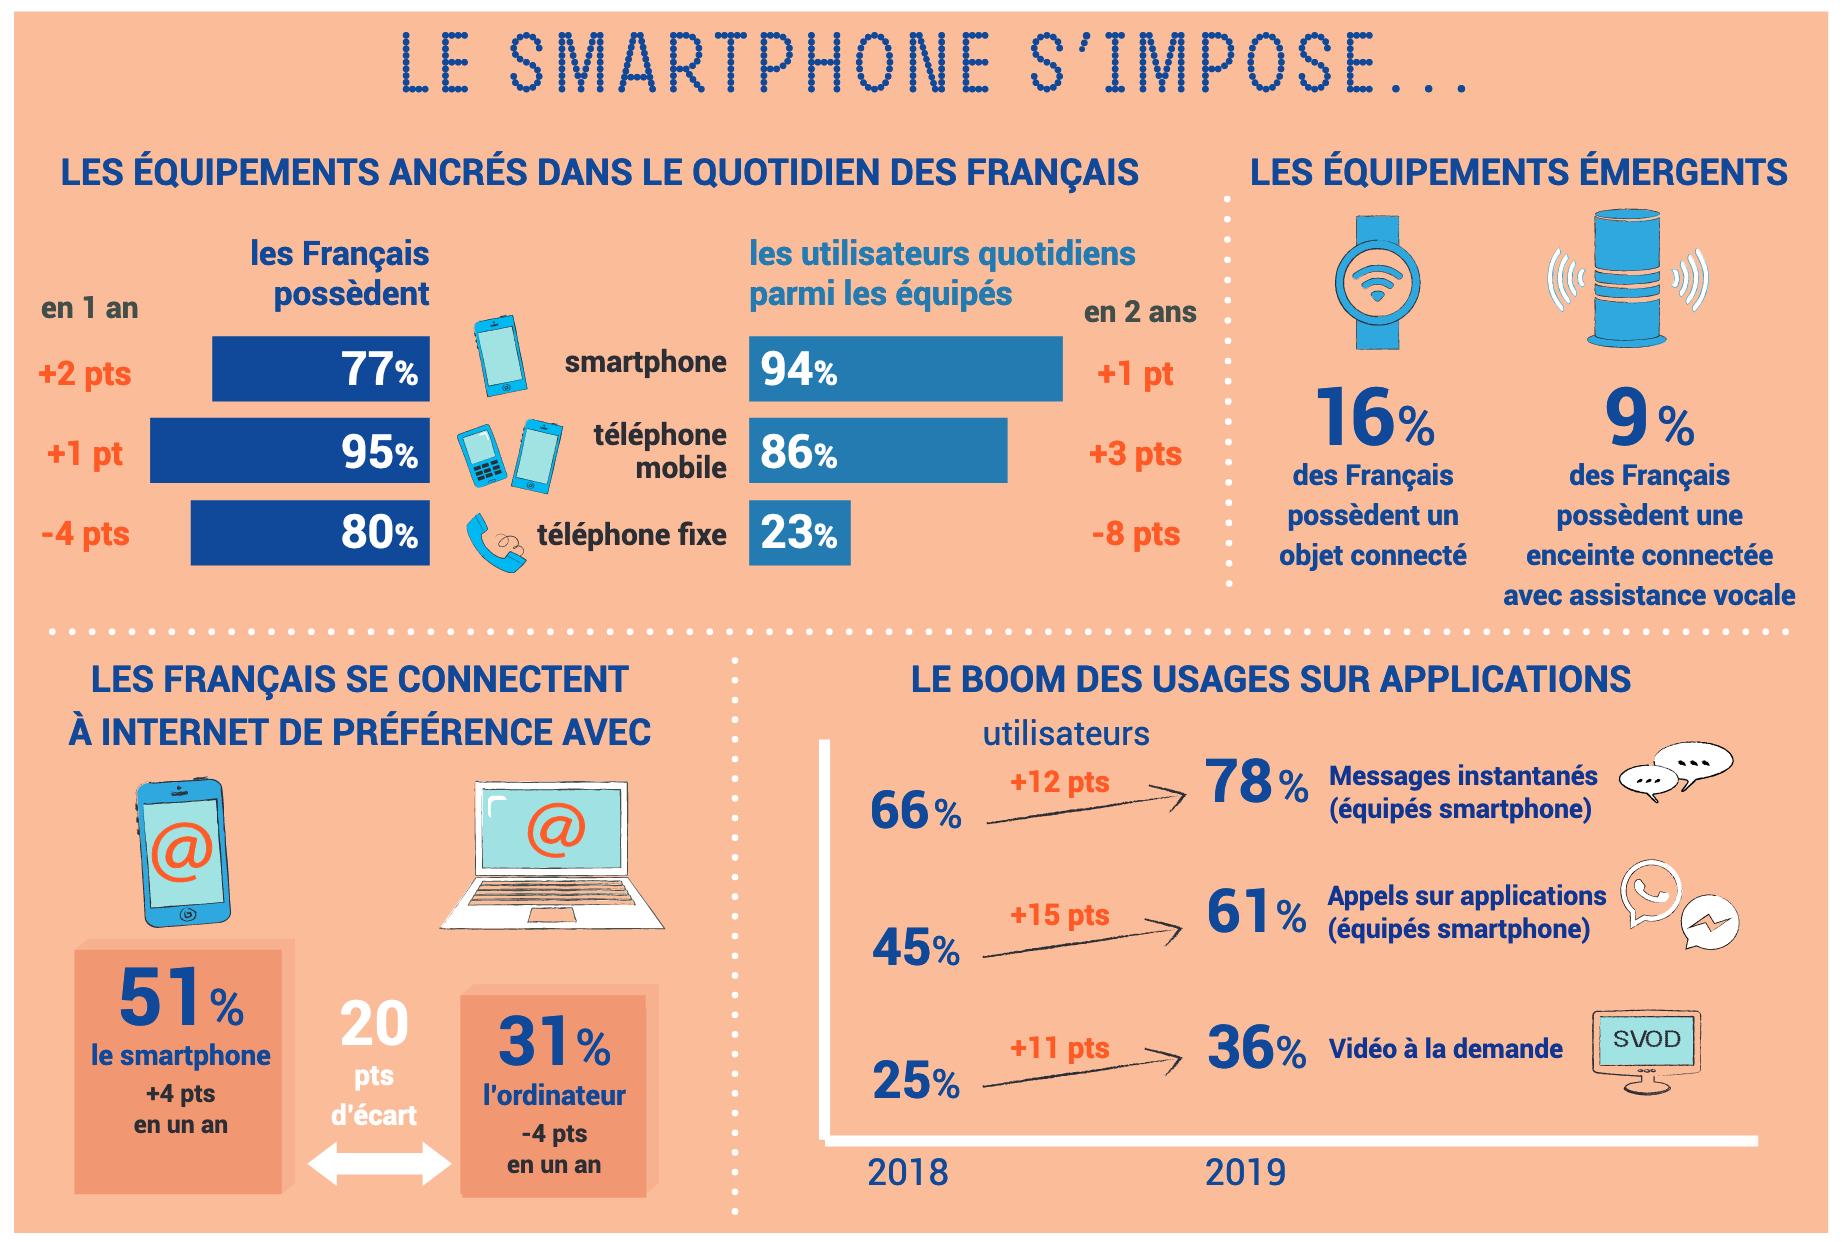 51% Des Français Préfèrent Le Smartphone À L'ordinateur Pour intérieur Ordinateur 3 Ans